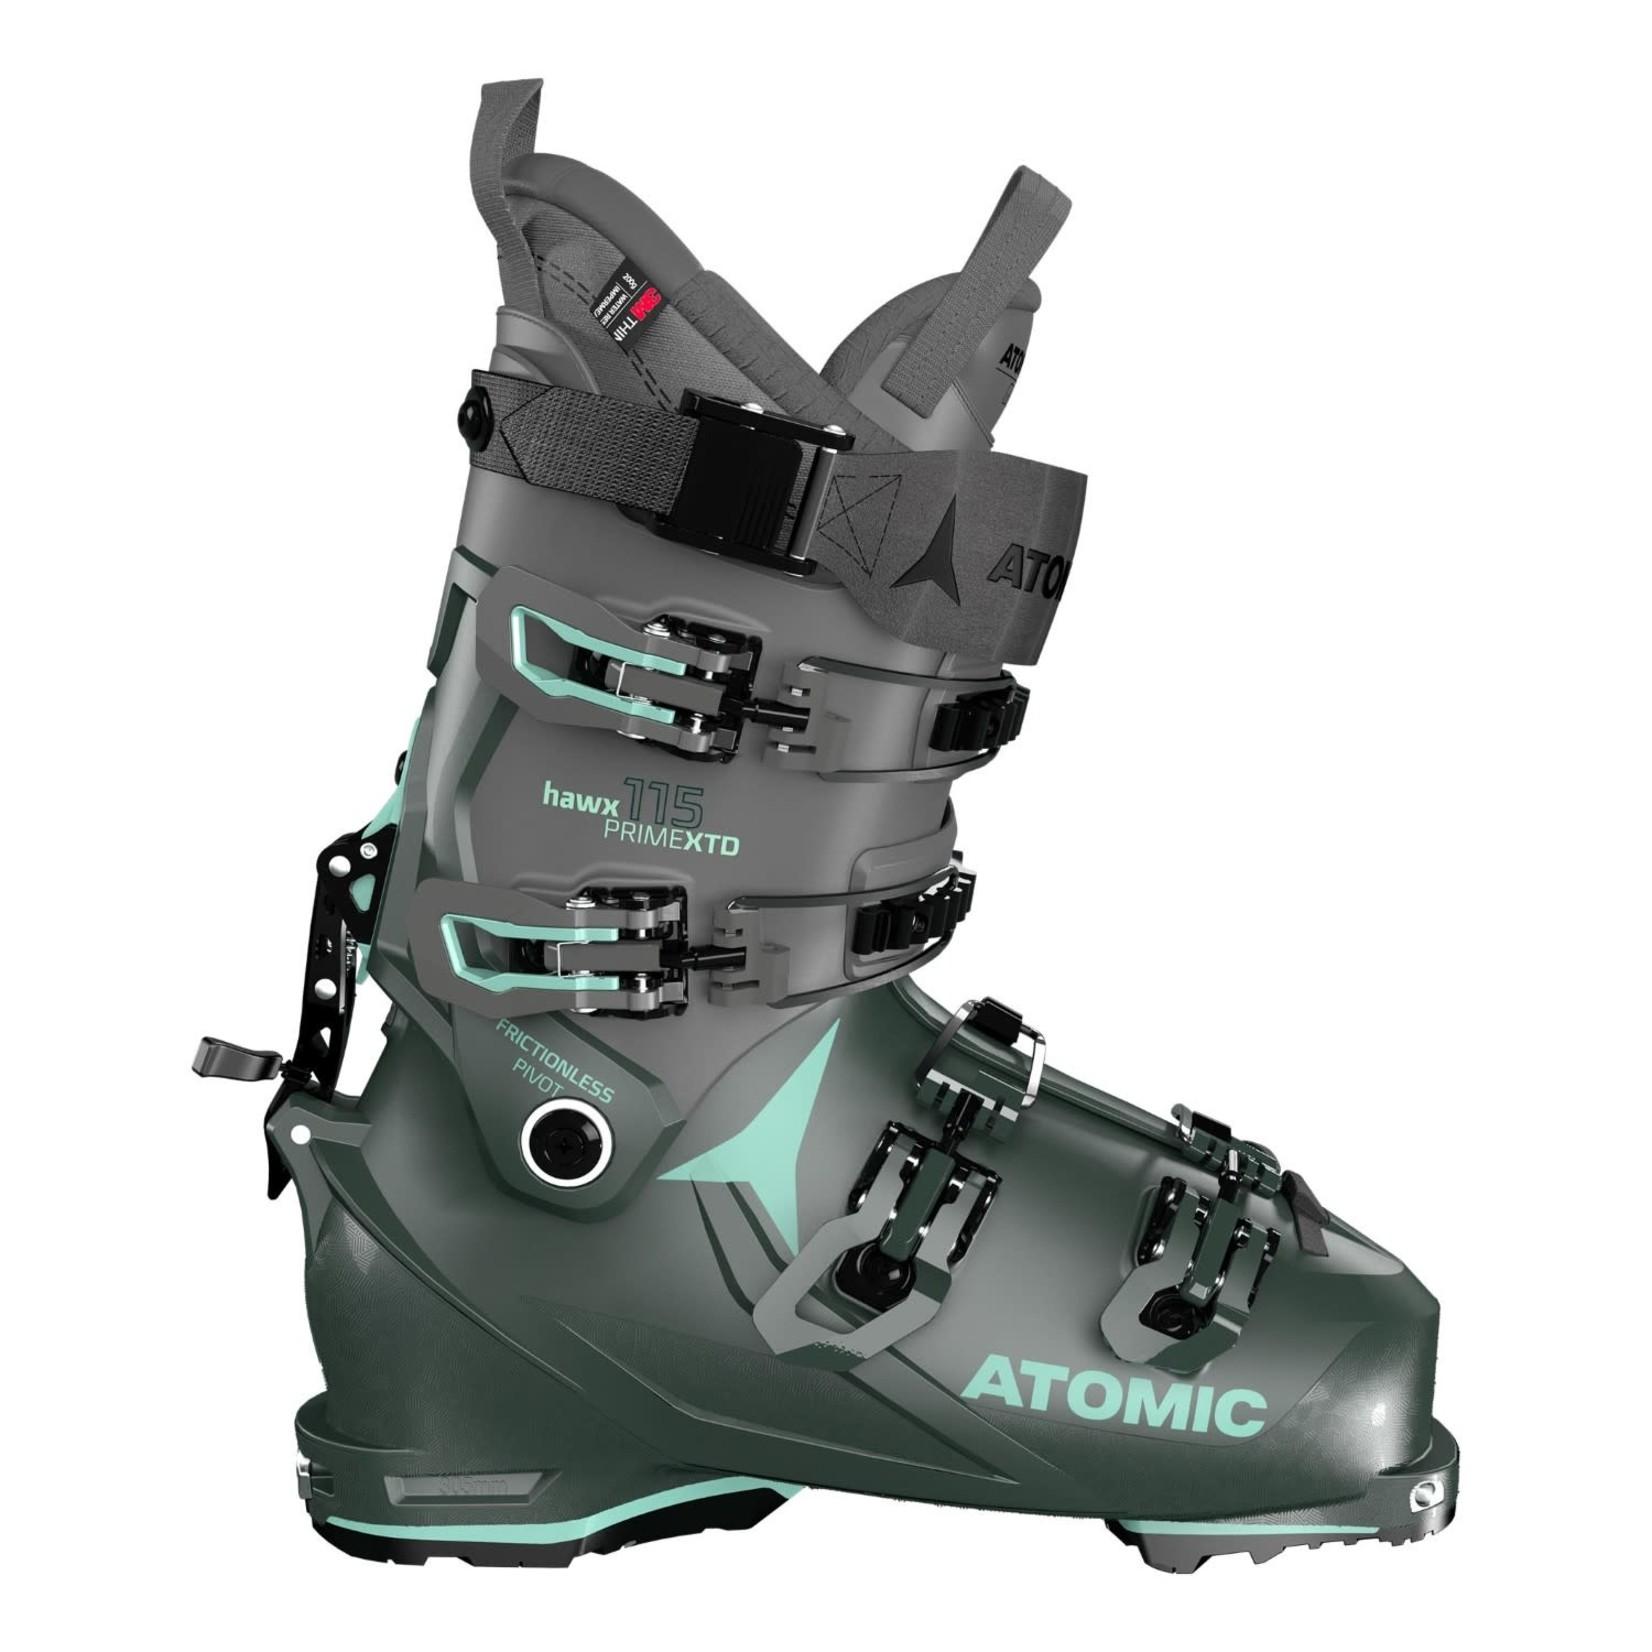 Atomic Botte de ski Atomic Hawx Prime XTD 115 - Femme